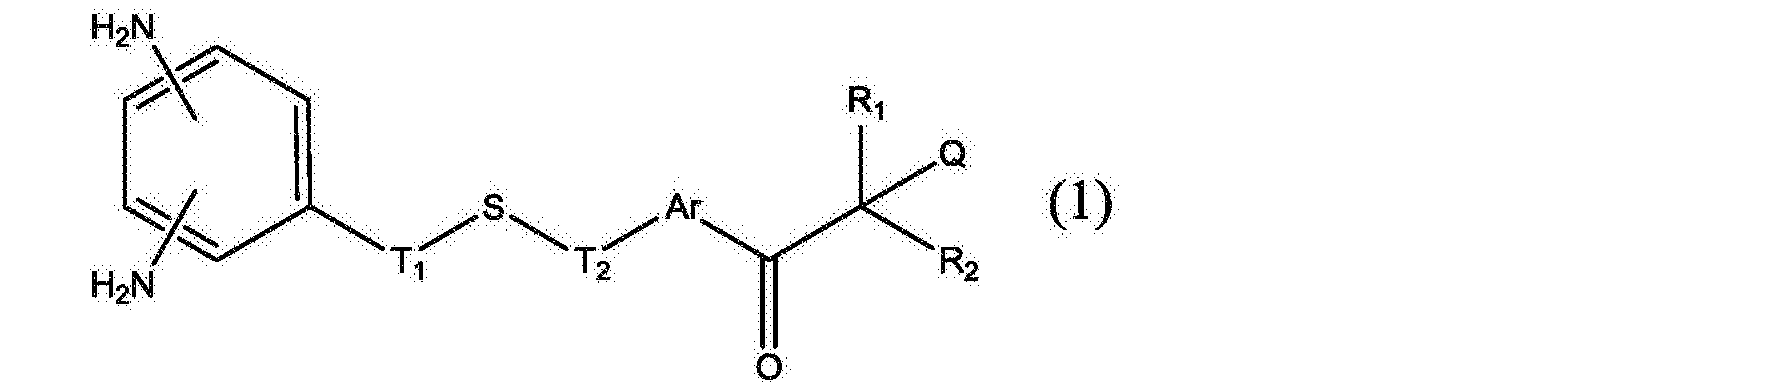 Figure CN105683828AC00032